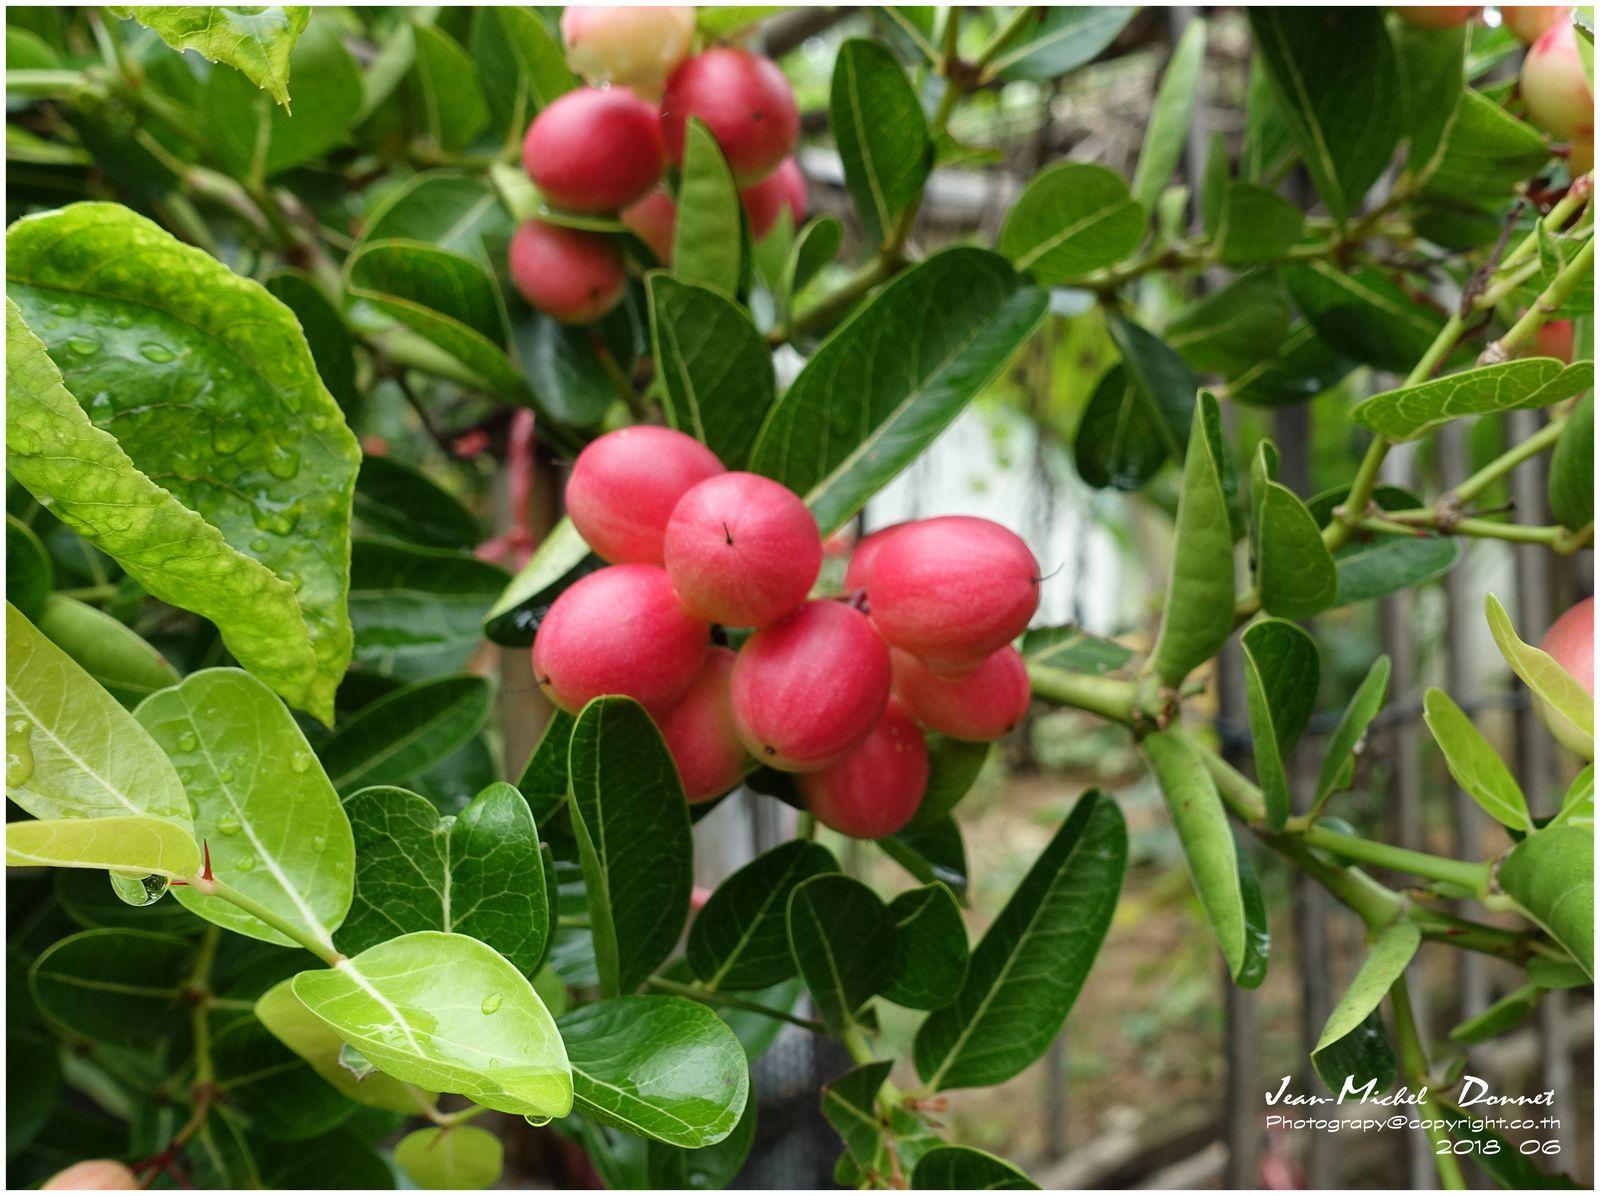 Un fruit et une plante aux multiples qualités : Le Carissa carandas.